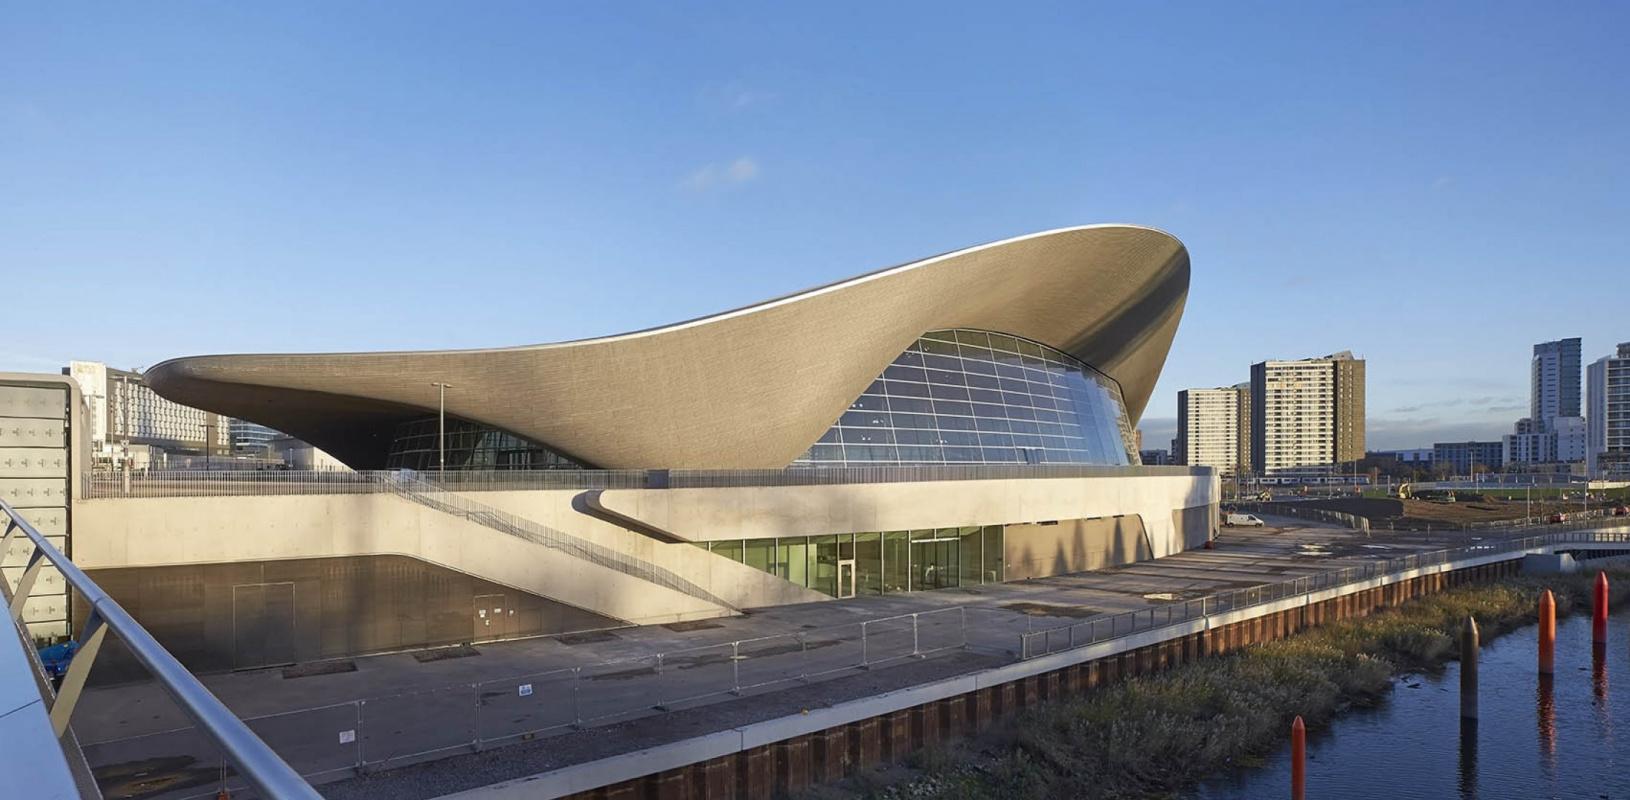 Zaha Hadid. London Aquatics Center